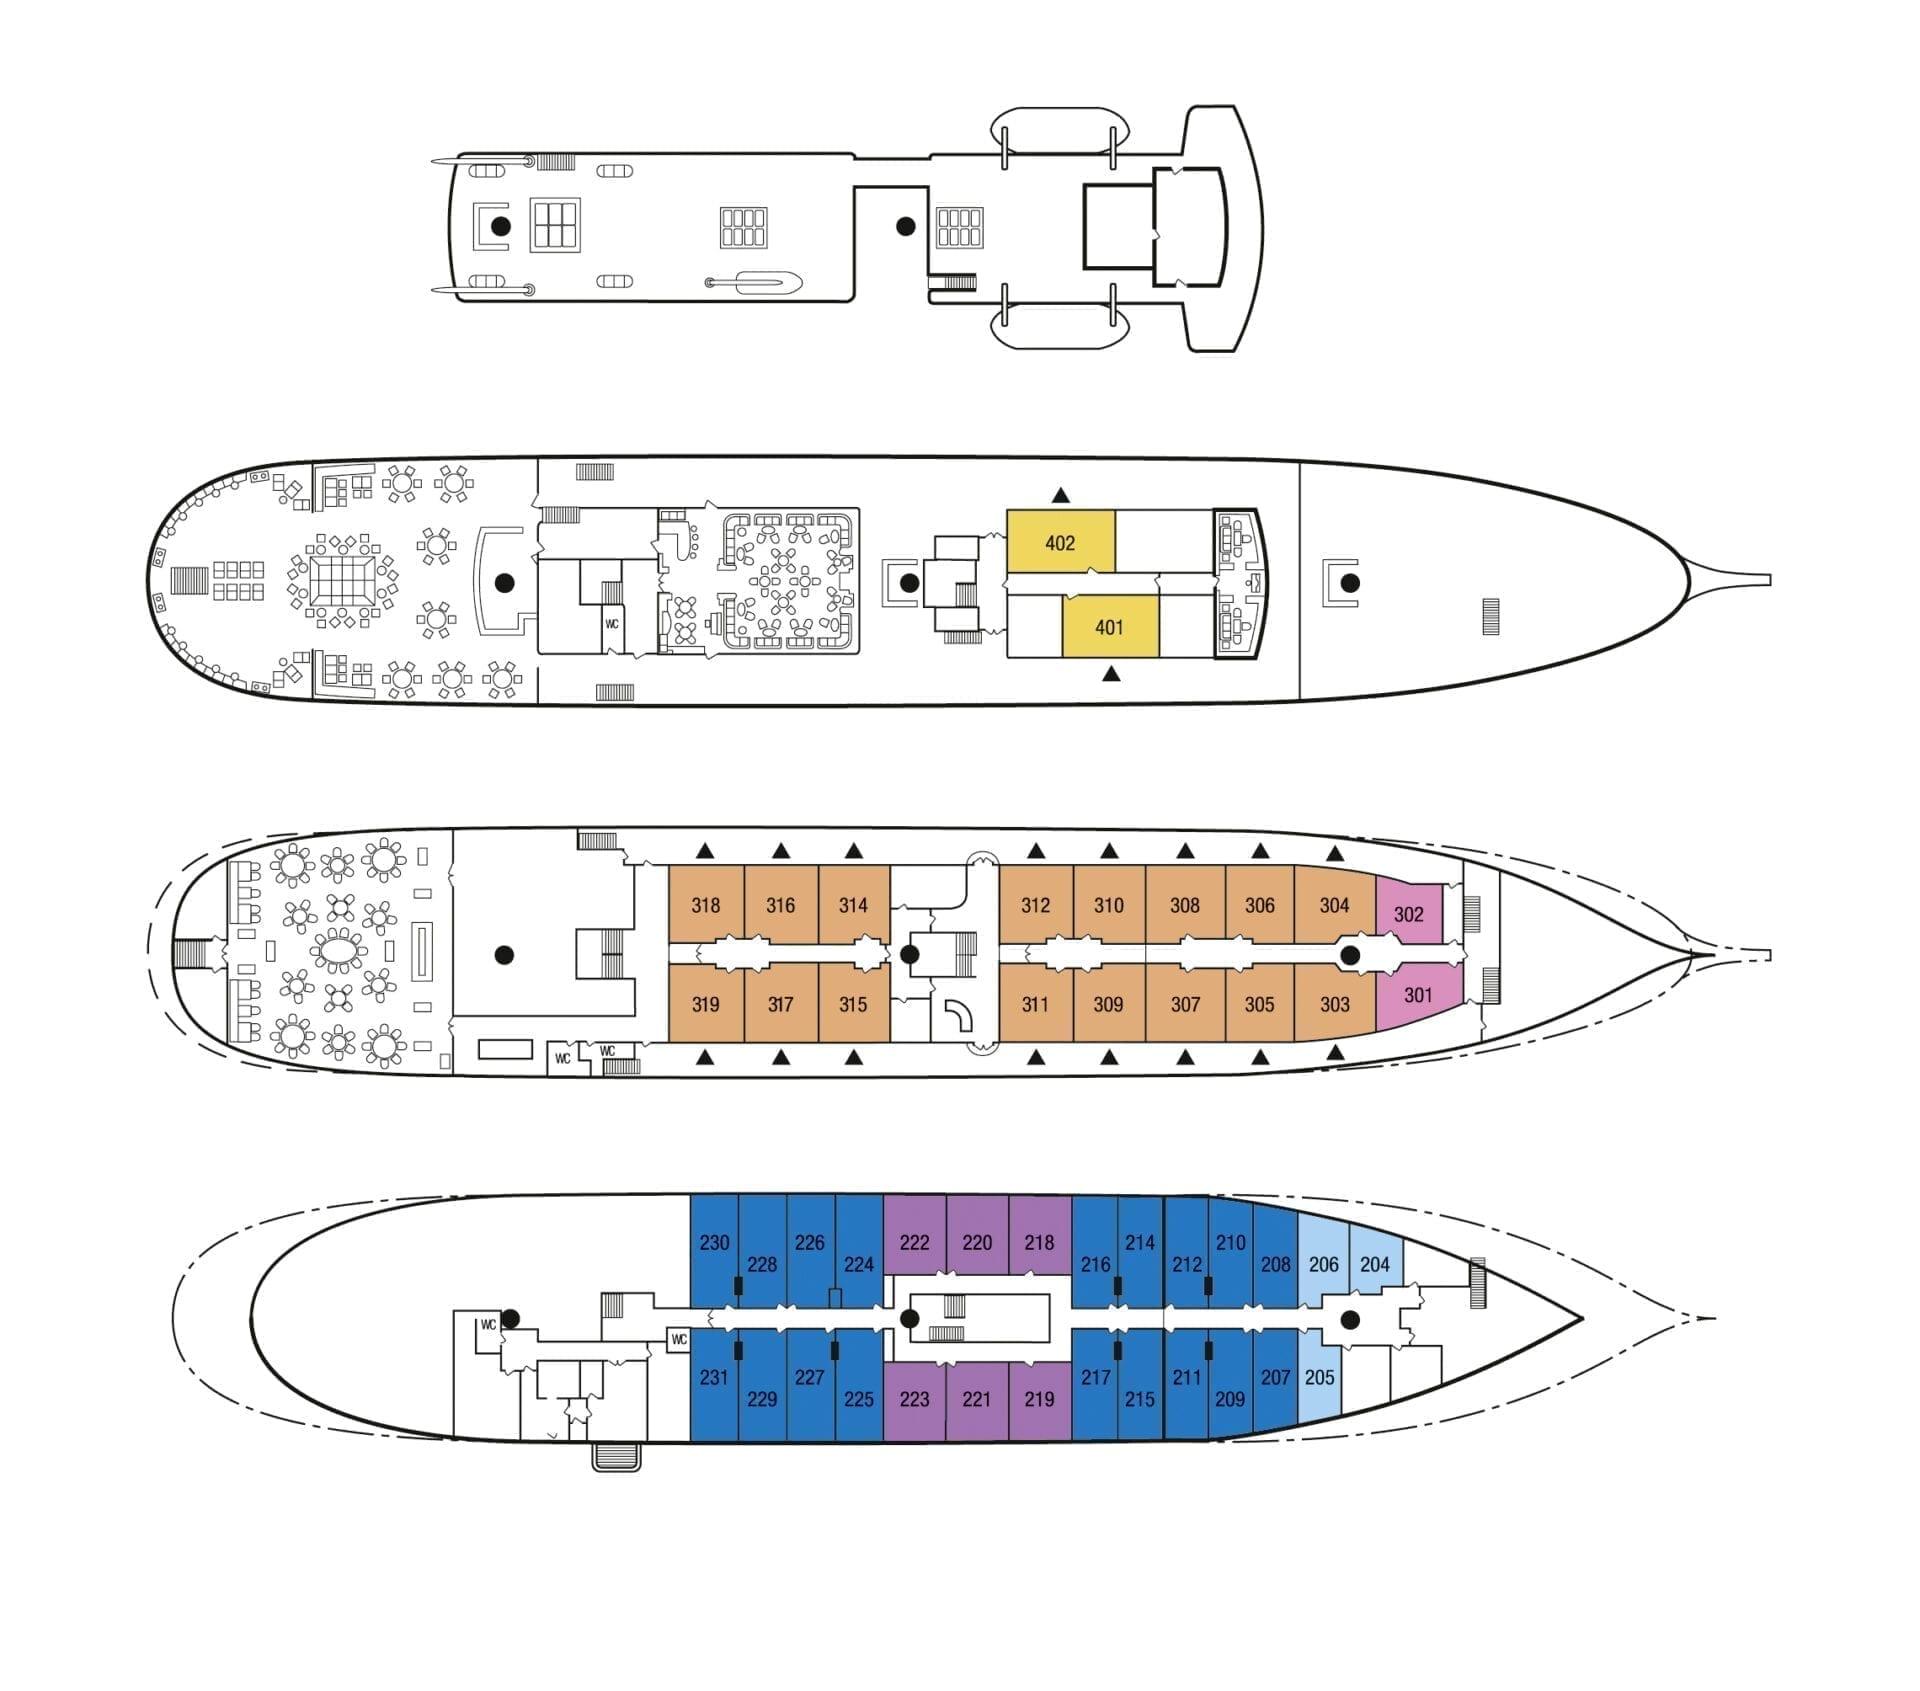 S112_Decksplan_SCII.indd